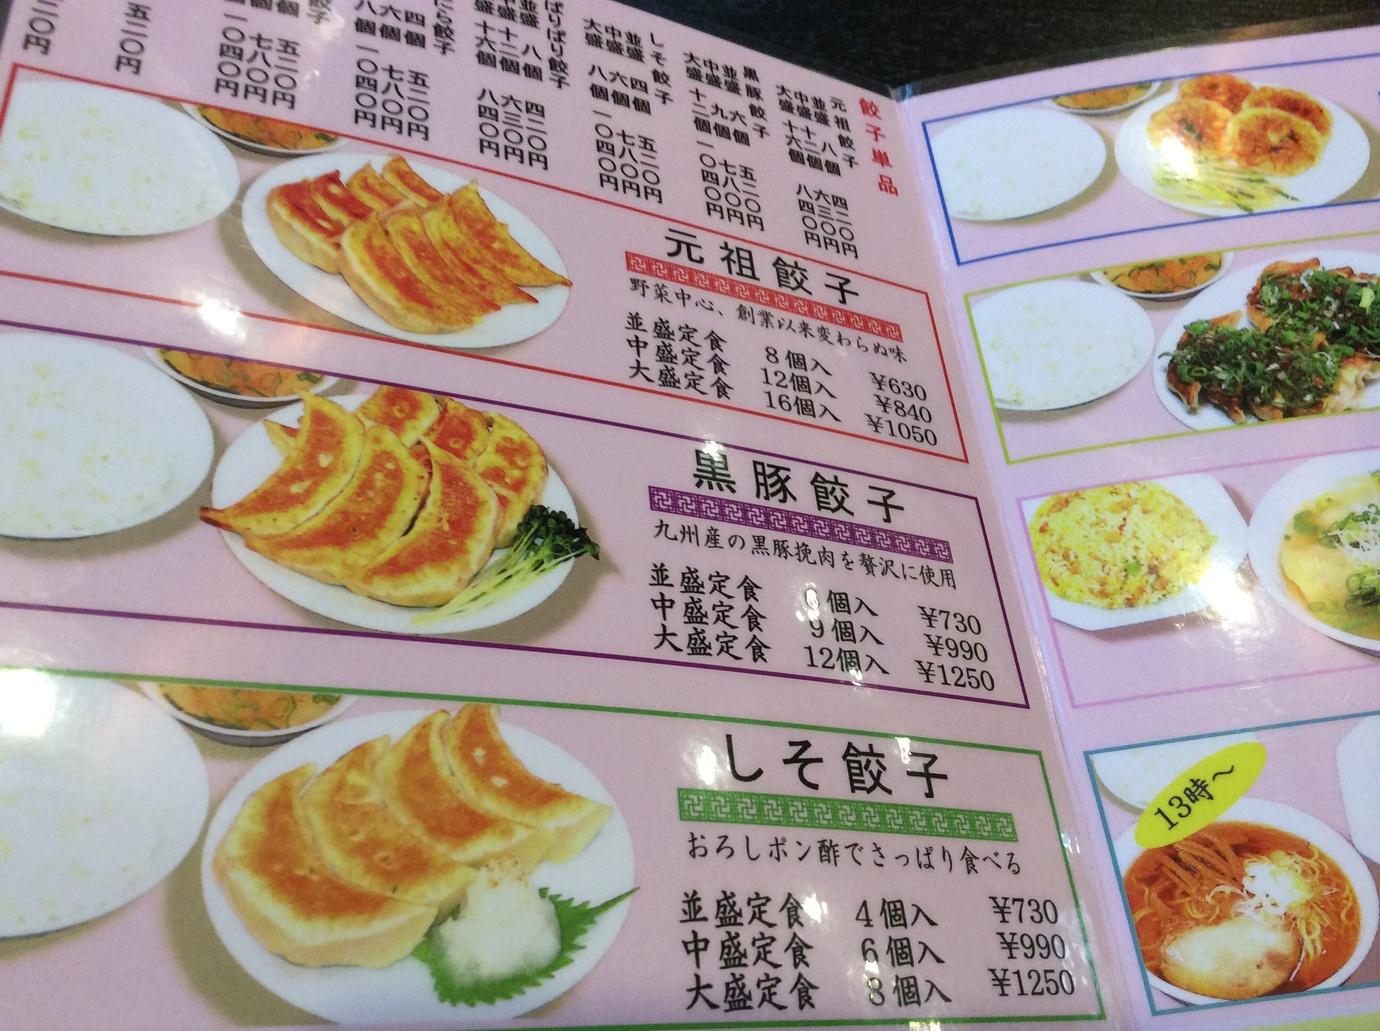 天鴻餃子房 九段店